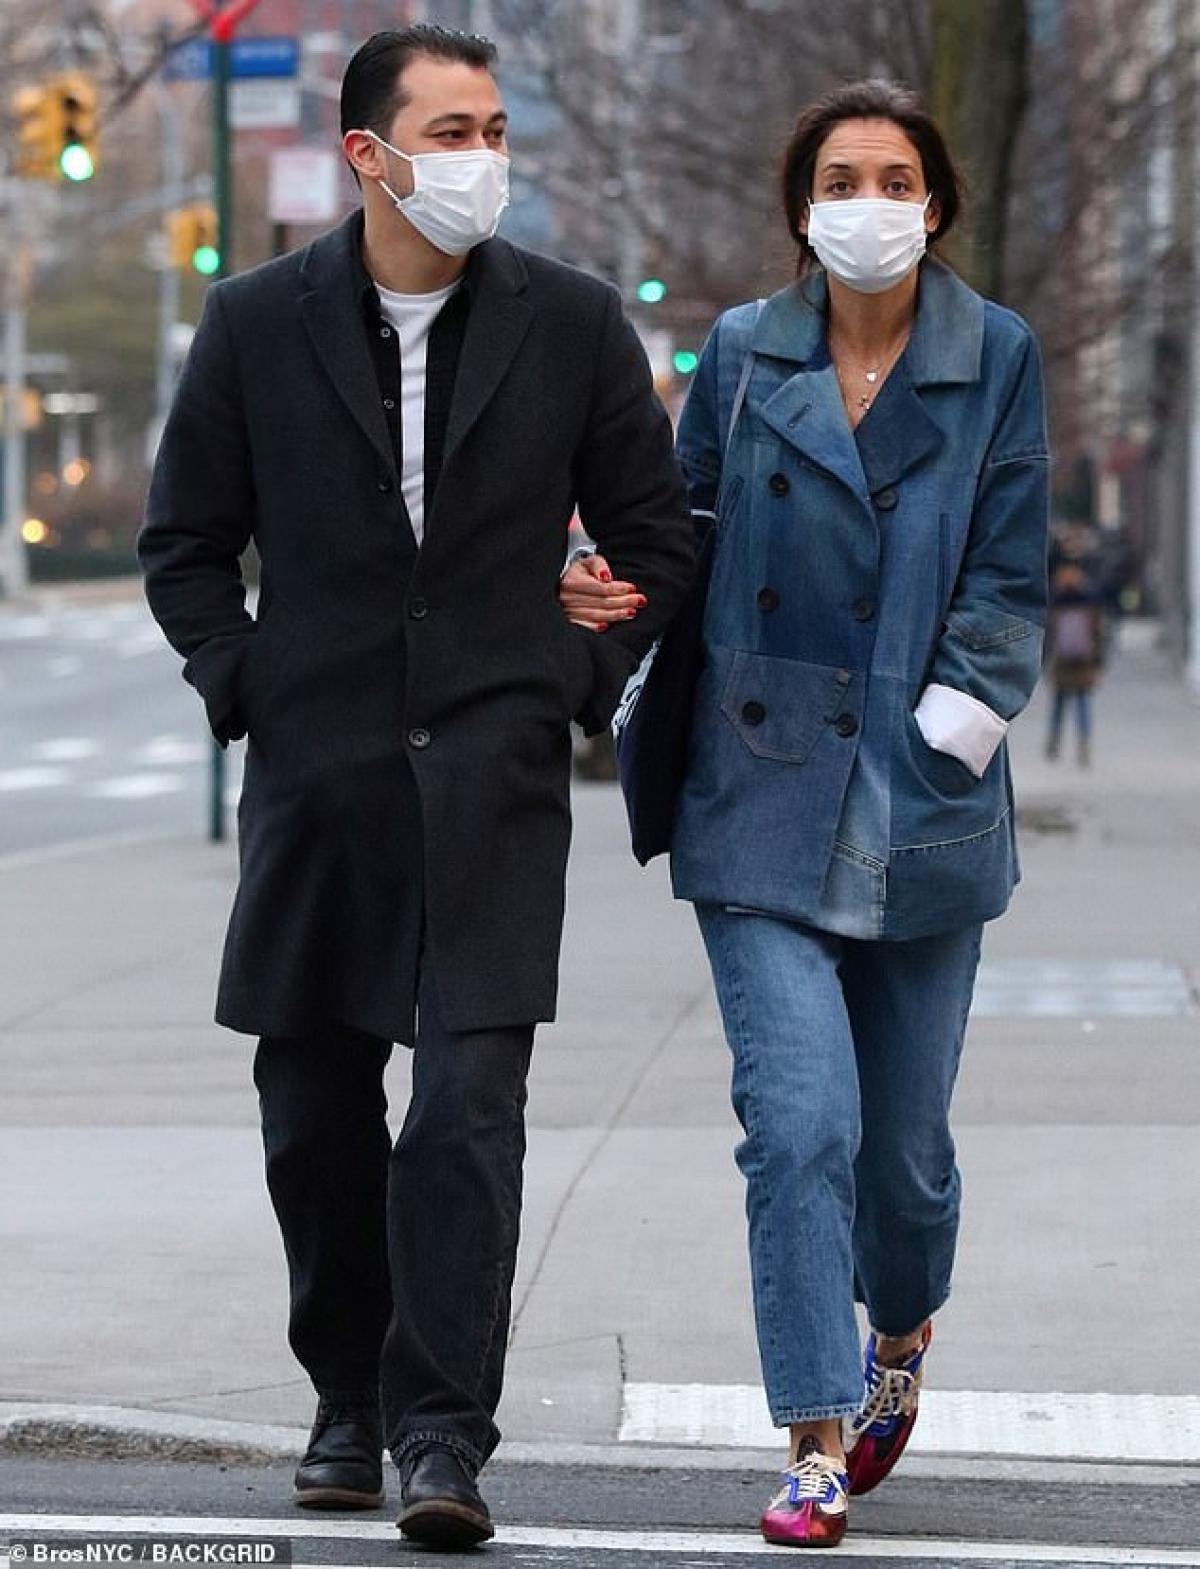 Katie Holmes vui vẻ khoác tay bạn trai Emilio Vitolo Jr đi chơi ở New York hôm 14/1 vừa qua.